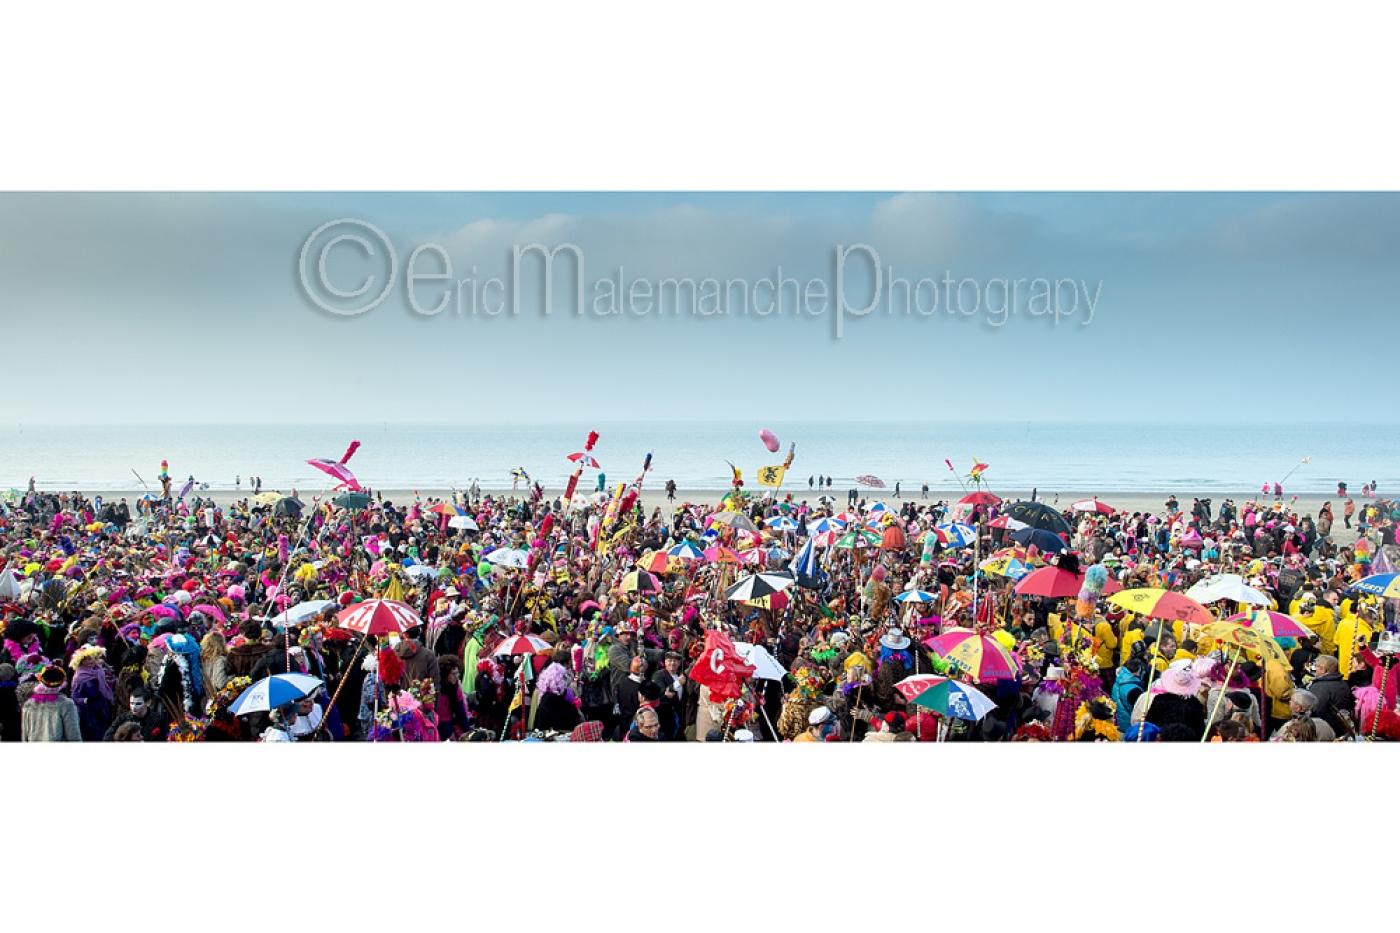 https://www.ericmalemanche.com/imagess/topics/carnaval-de-dunkerque/liste/Carnaval-Dunkerque-6127.jpg